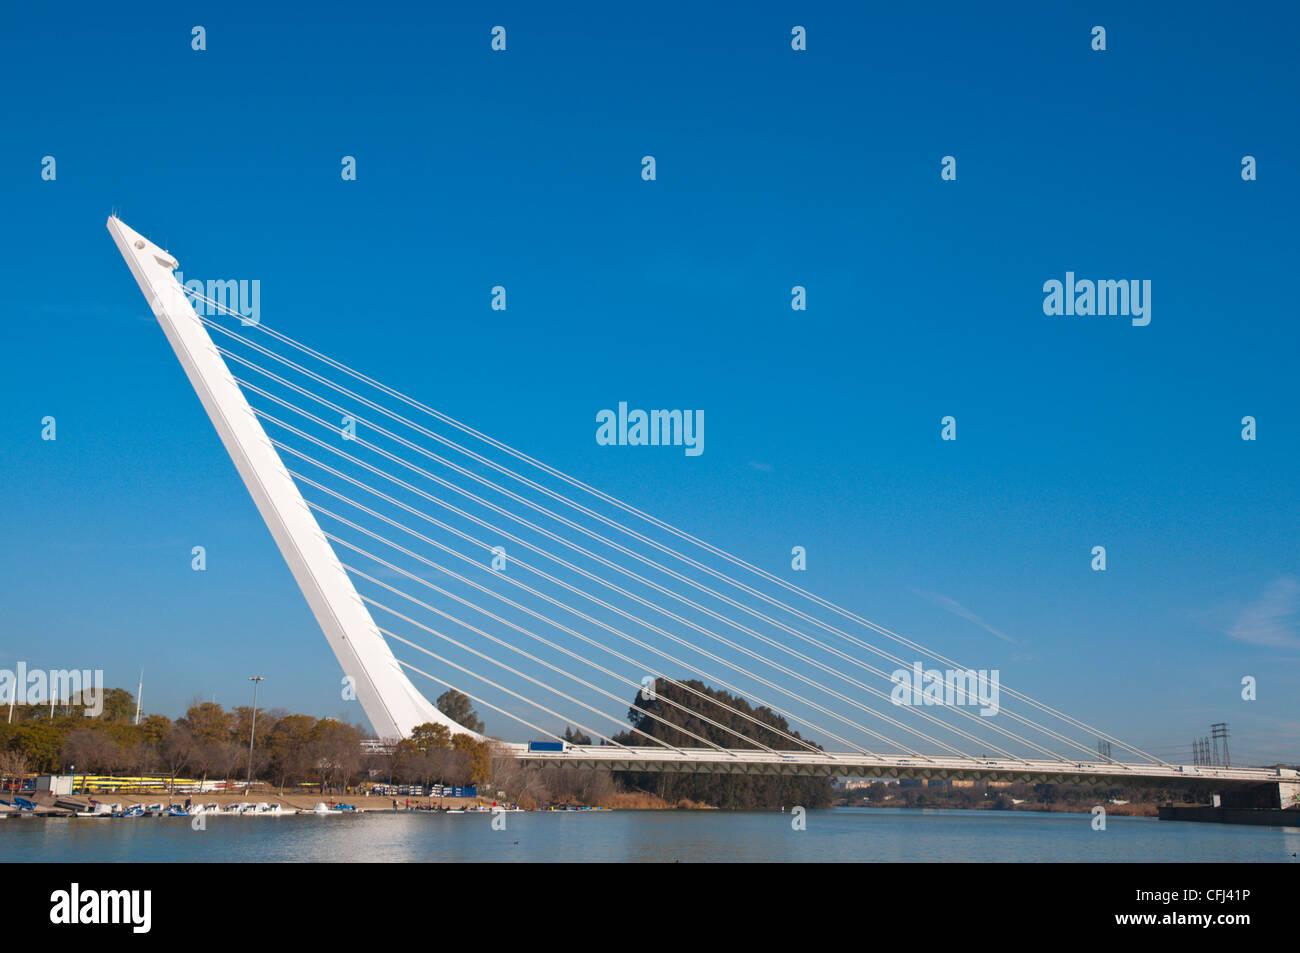 Puente del Alamillo puente (1992) por Santiago Calatrava, el centro de Sevilla Andalucía España Imagen De Stock